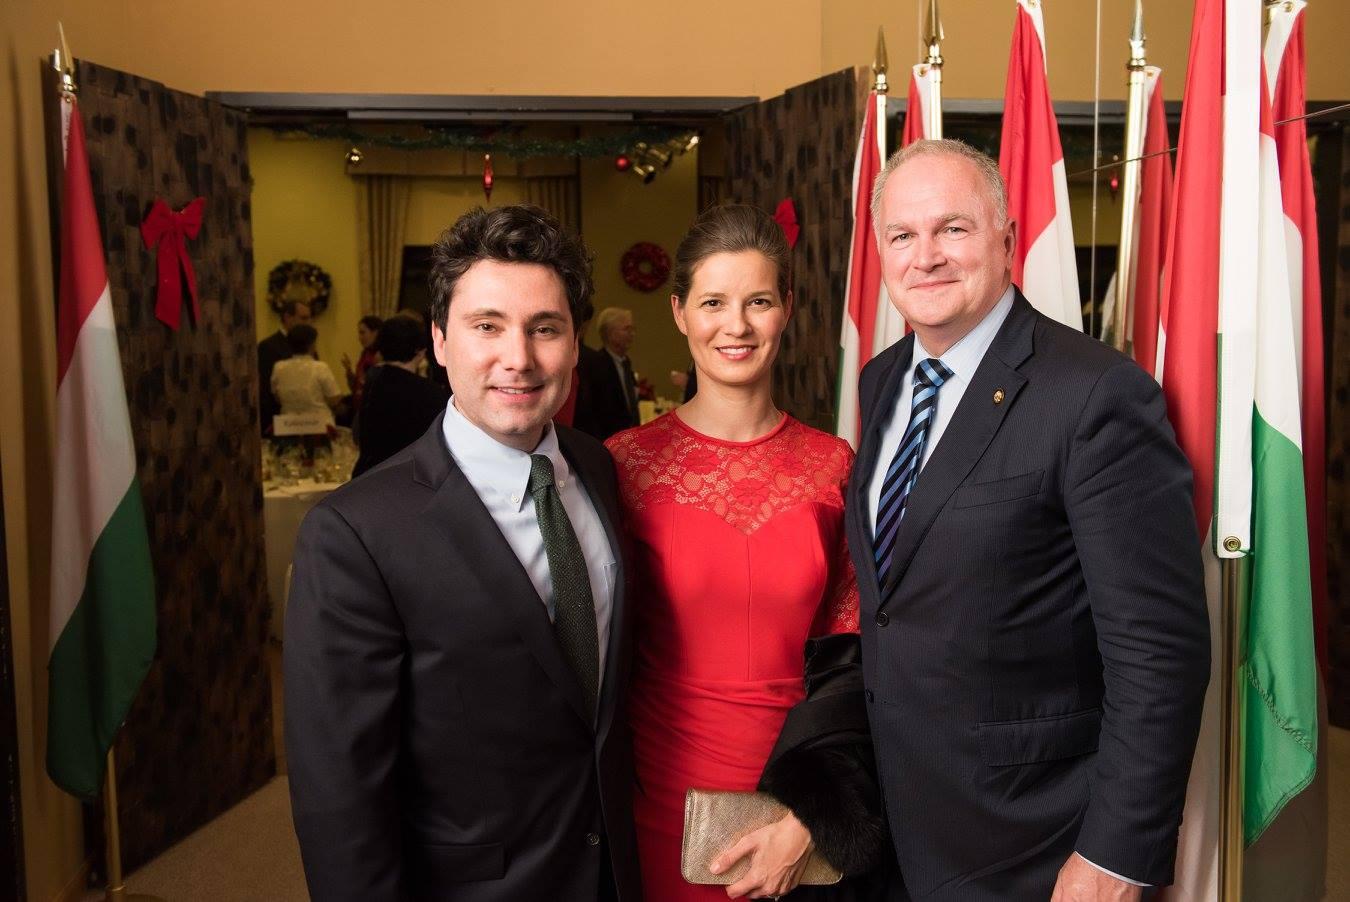 Mr. Marion Smith, Mrs. Anna Smith Lacey, Ambassador Dr. László Szabó